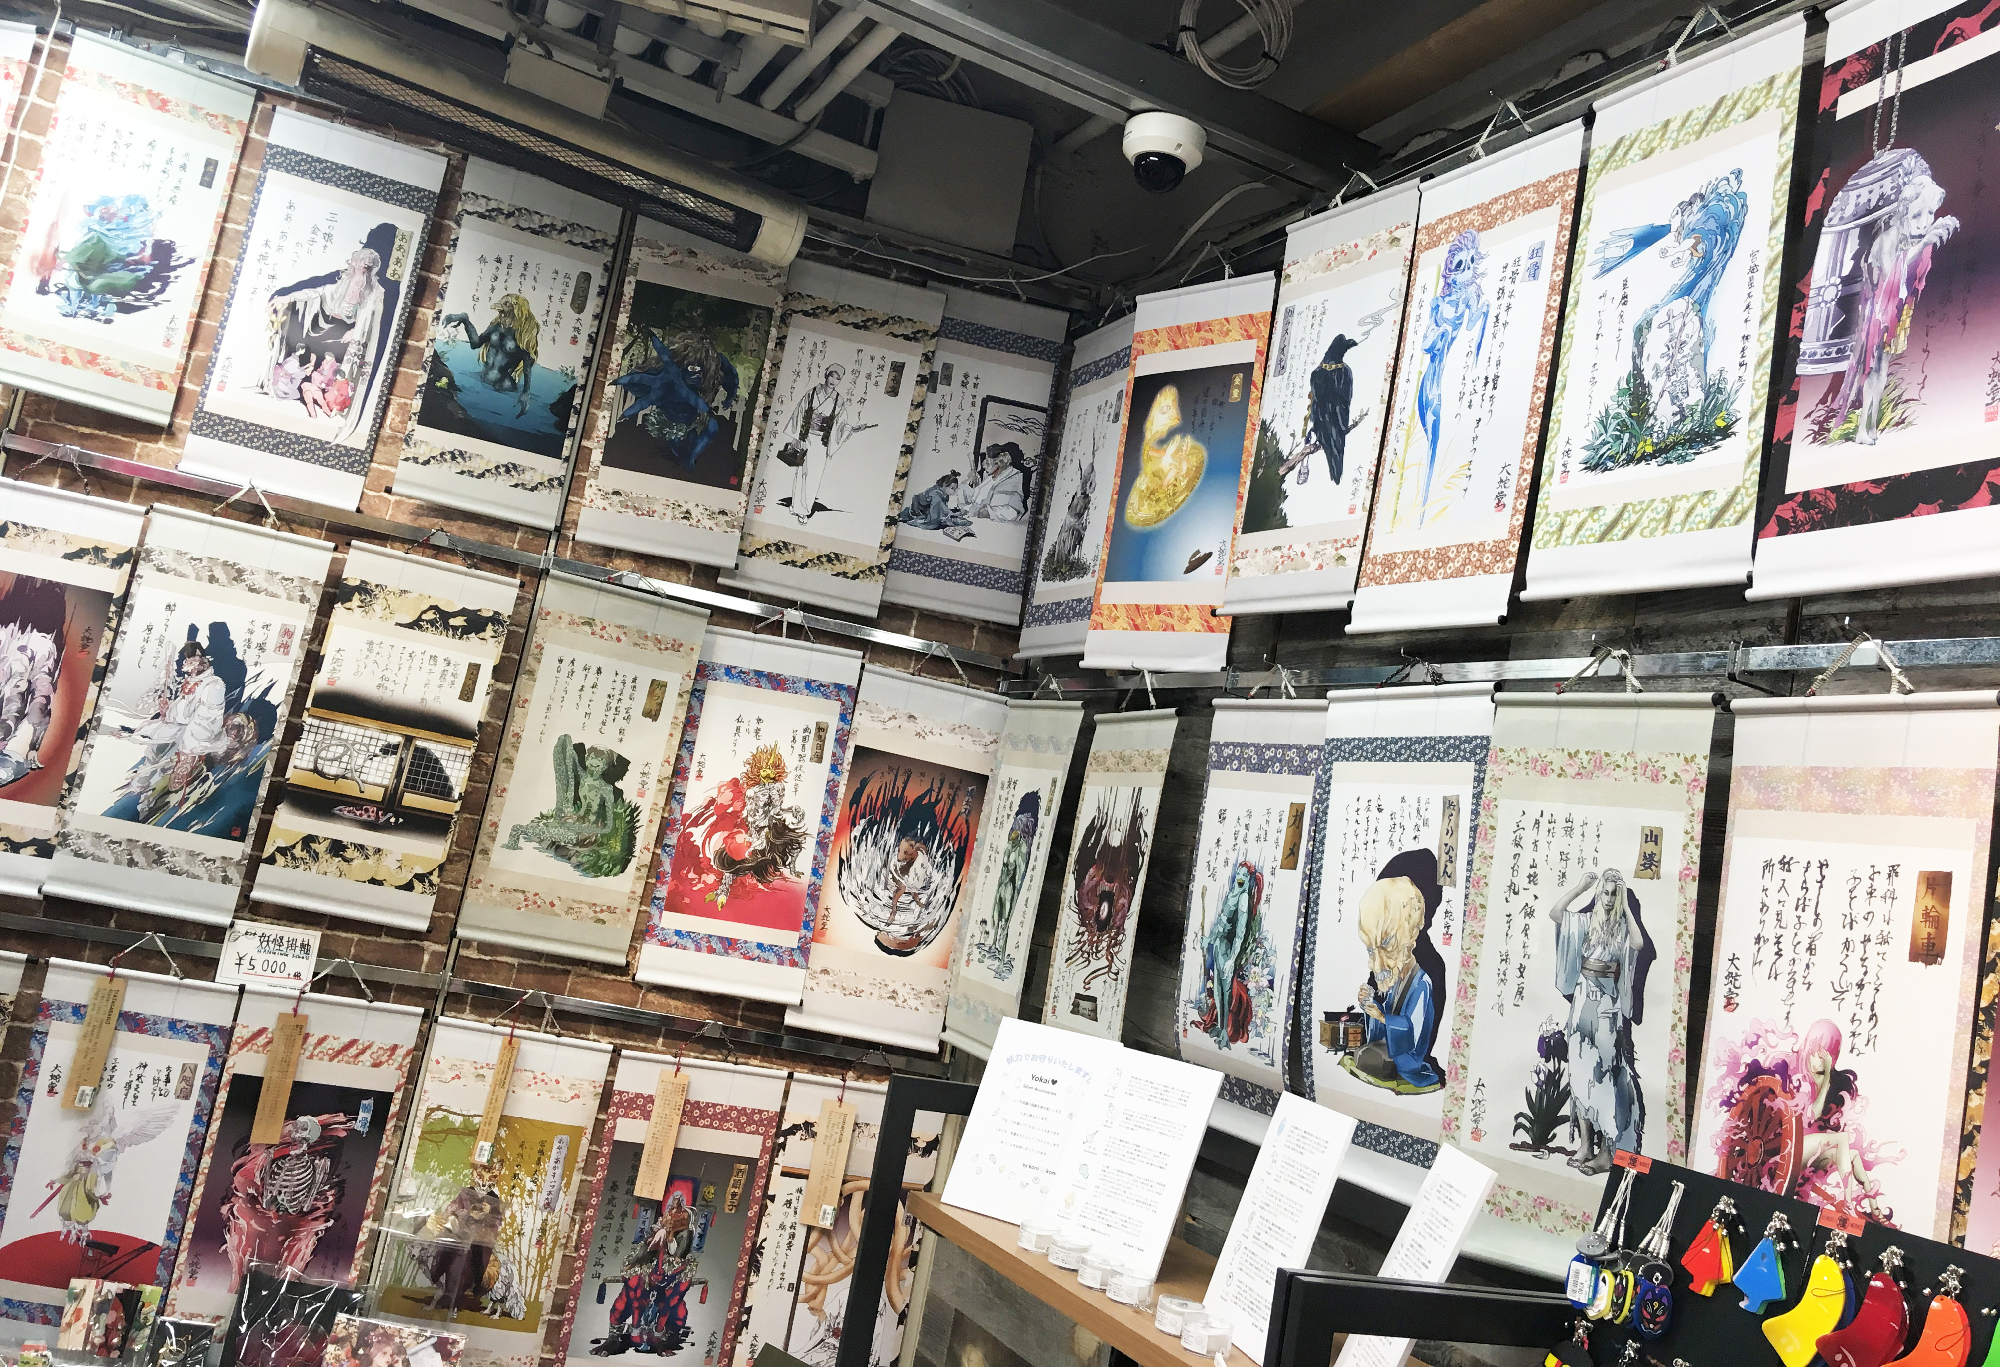 東急ハンズ渋谷店「妖怪夏祭り」に出展します